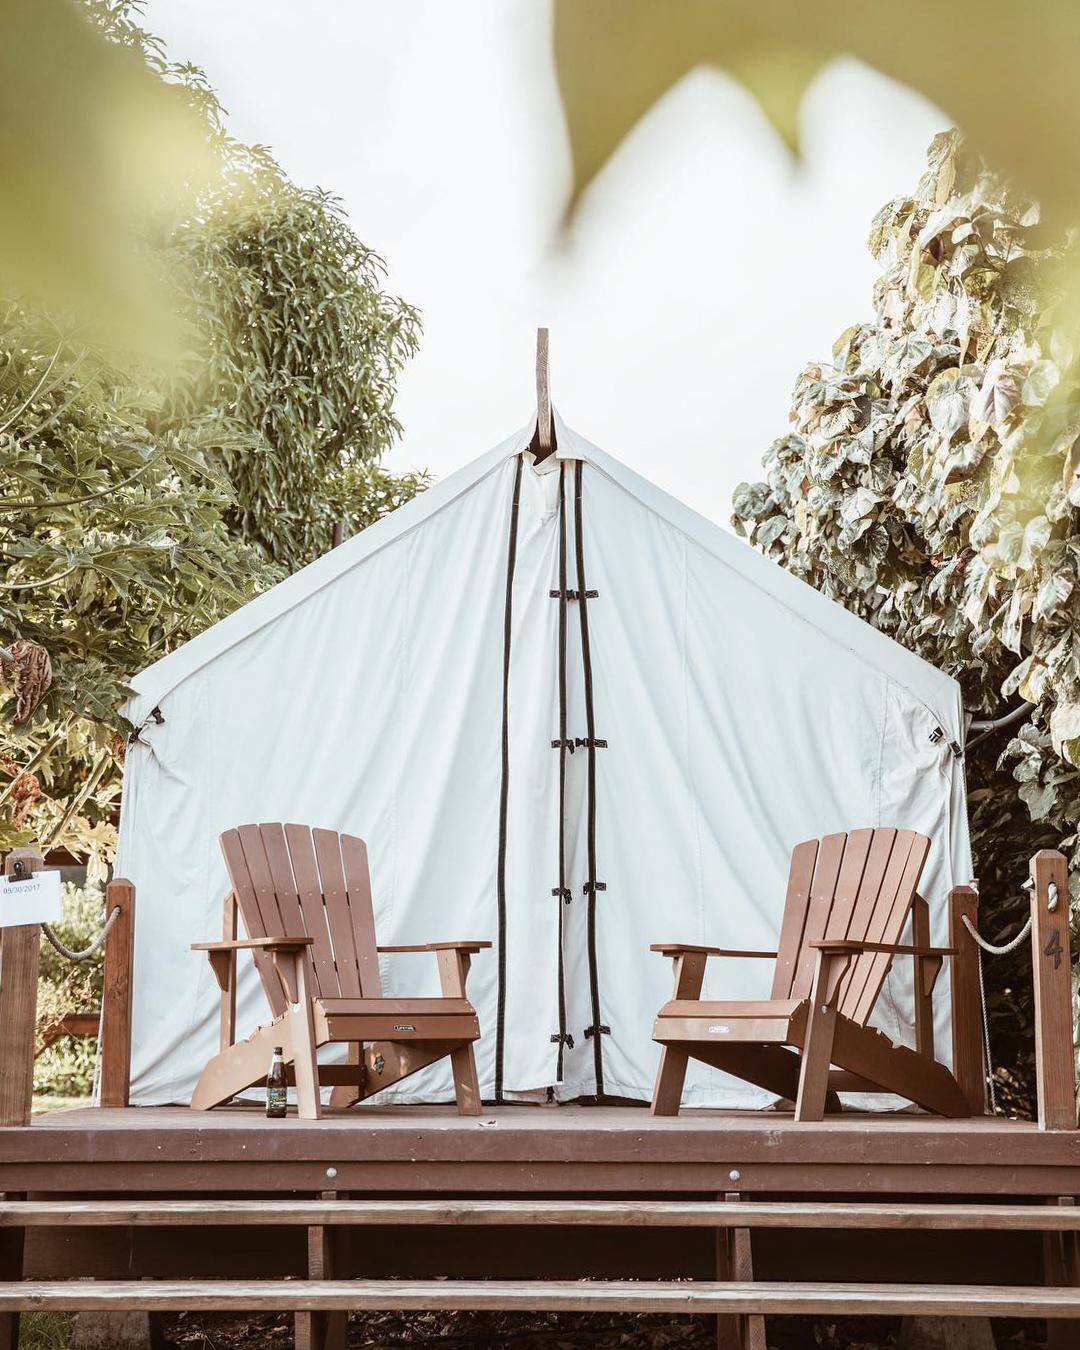 浪漫的野外露营 帐篷酒店奥洛拉鲁营